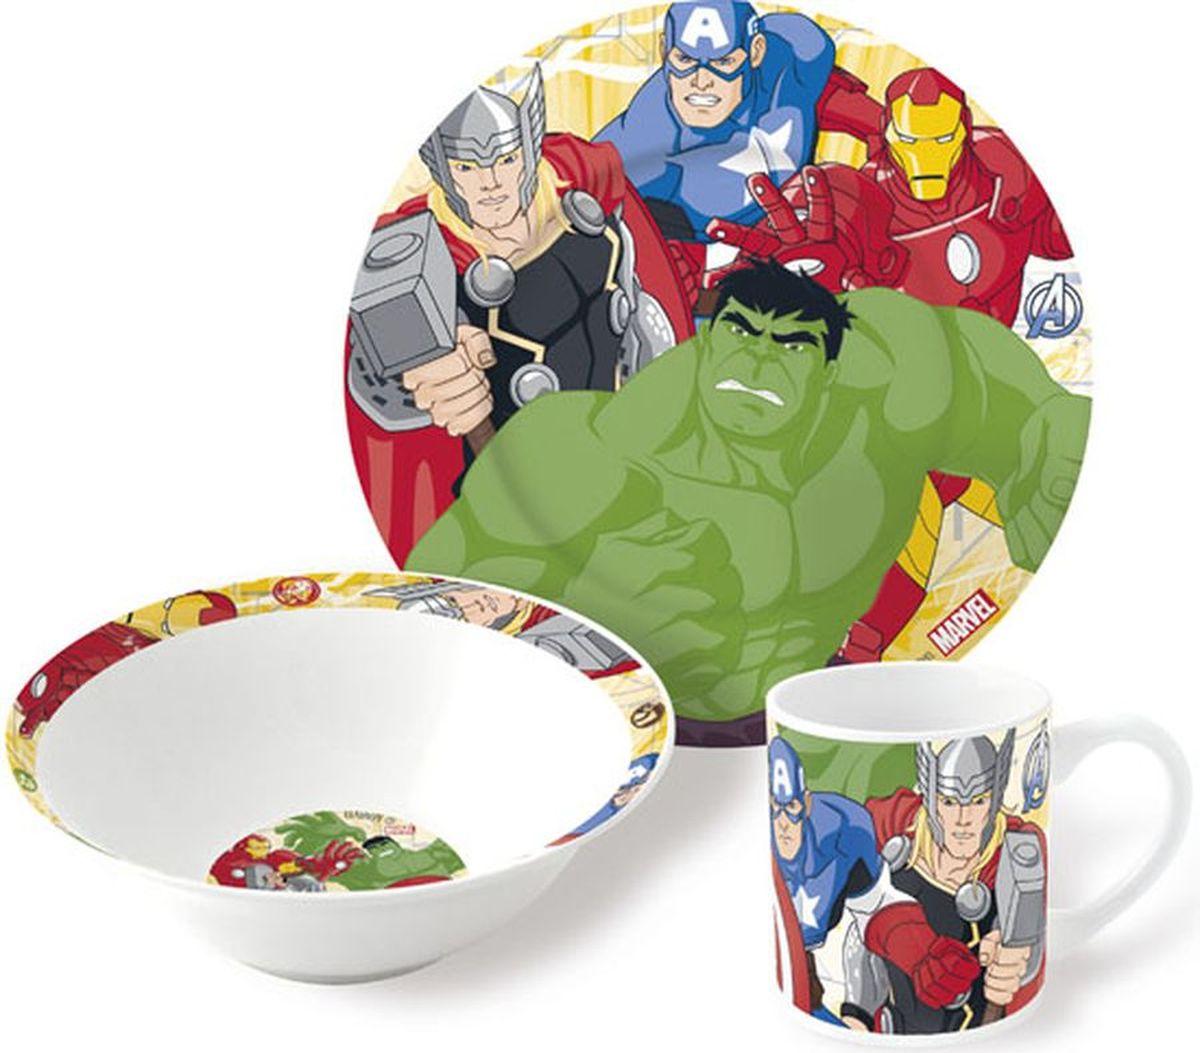 Marvel Набор детской посуды Мстители 3 предмета54 009312Набор детской посуды Marvel Мстители - яркая посуда с героями из популярного мультфильма. Набор, несомненно, привлечет внимание Вашего ребенка и не позволит ему скучать. Набор поставляется в удобной и красочной упаковке.